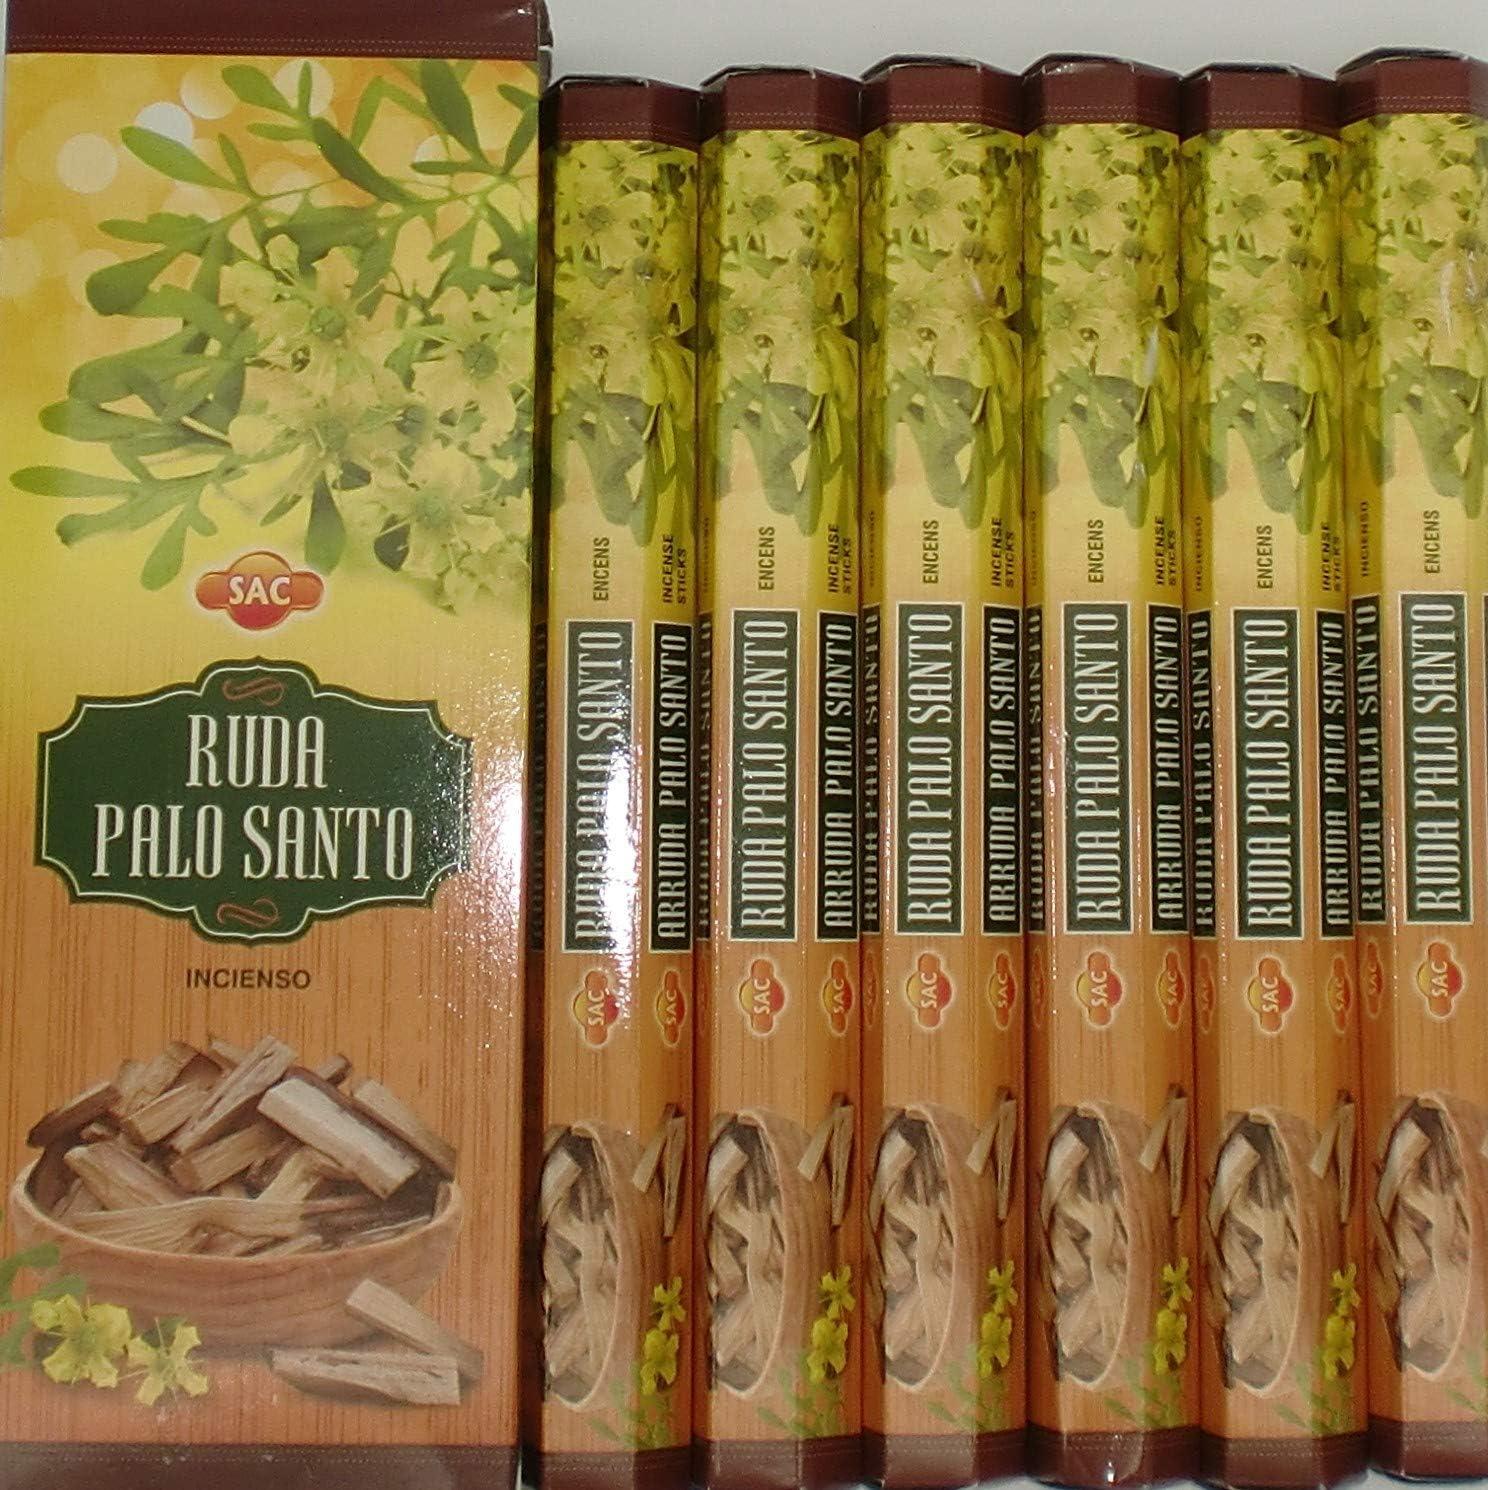 Incienso Ruda Palo Santo 6 paquetes x 20 varillas